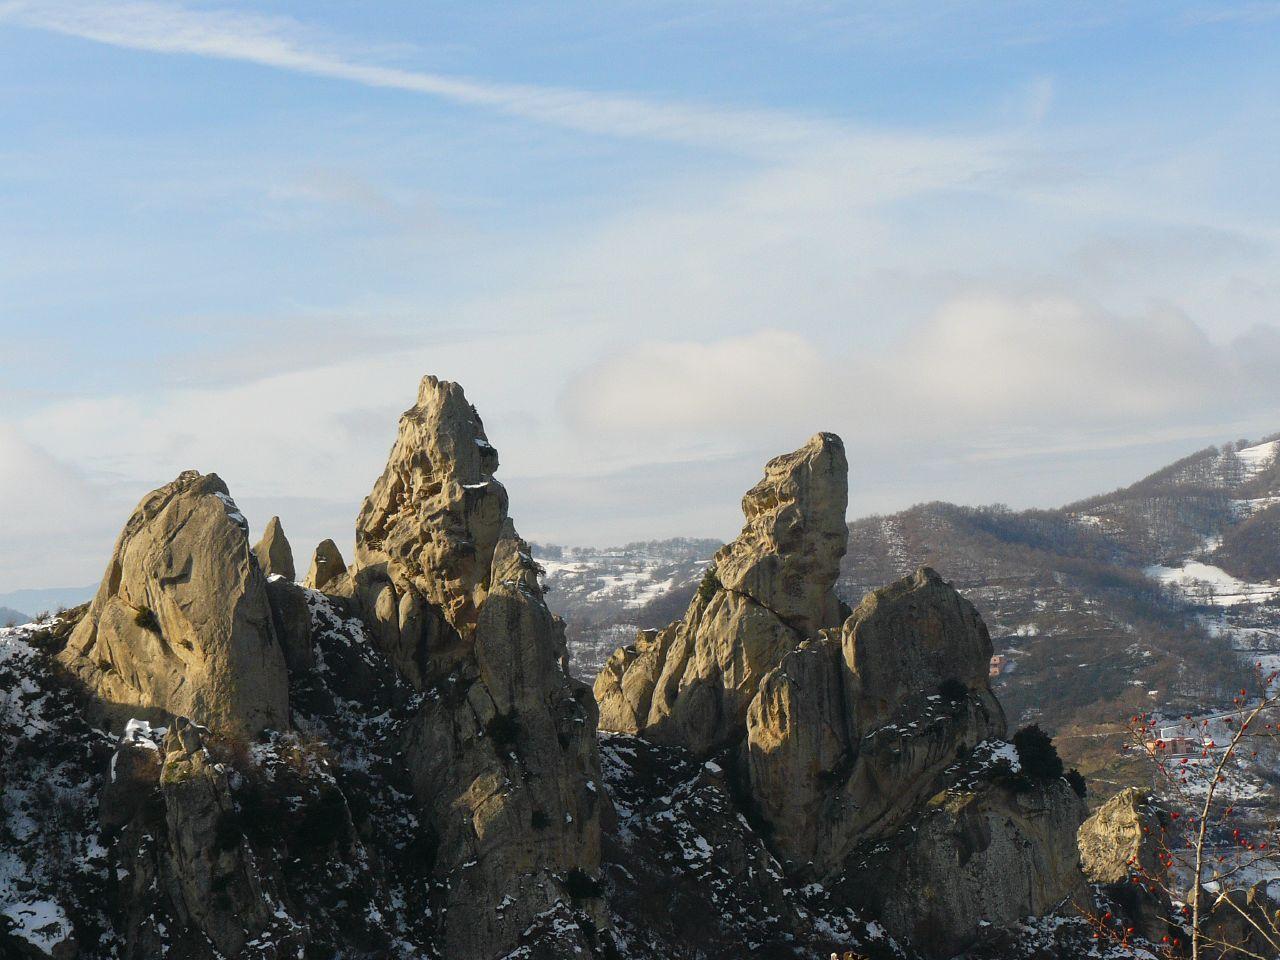 Piccole dolomiti. Le vette rocciose della Costa di San Martino, Basilicata